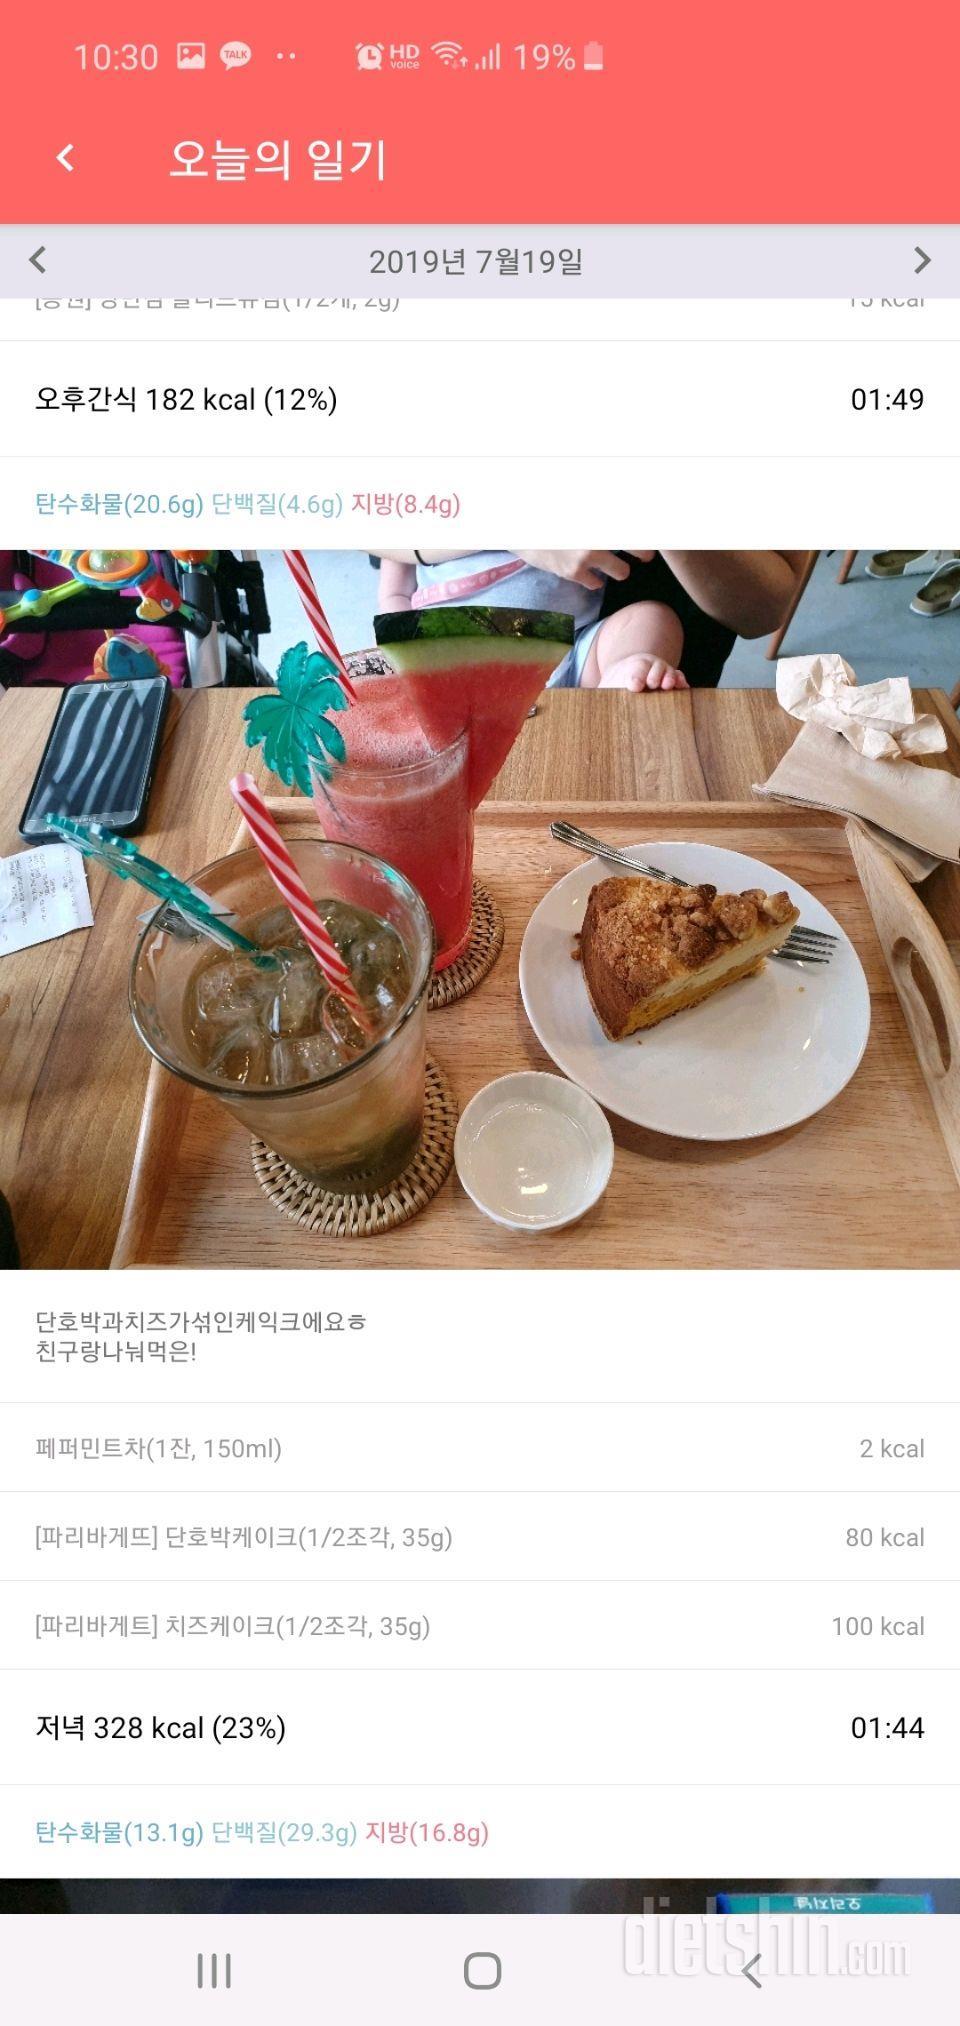 7.19일 식단및운동